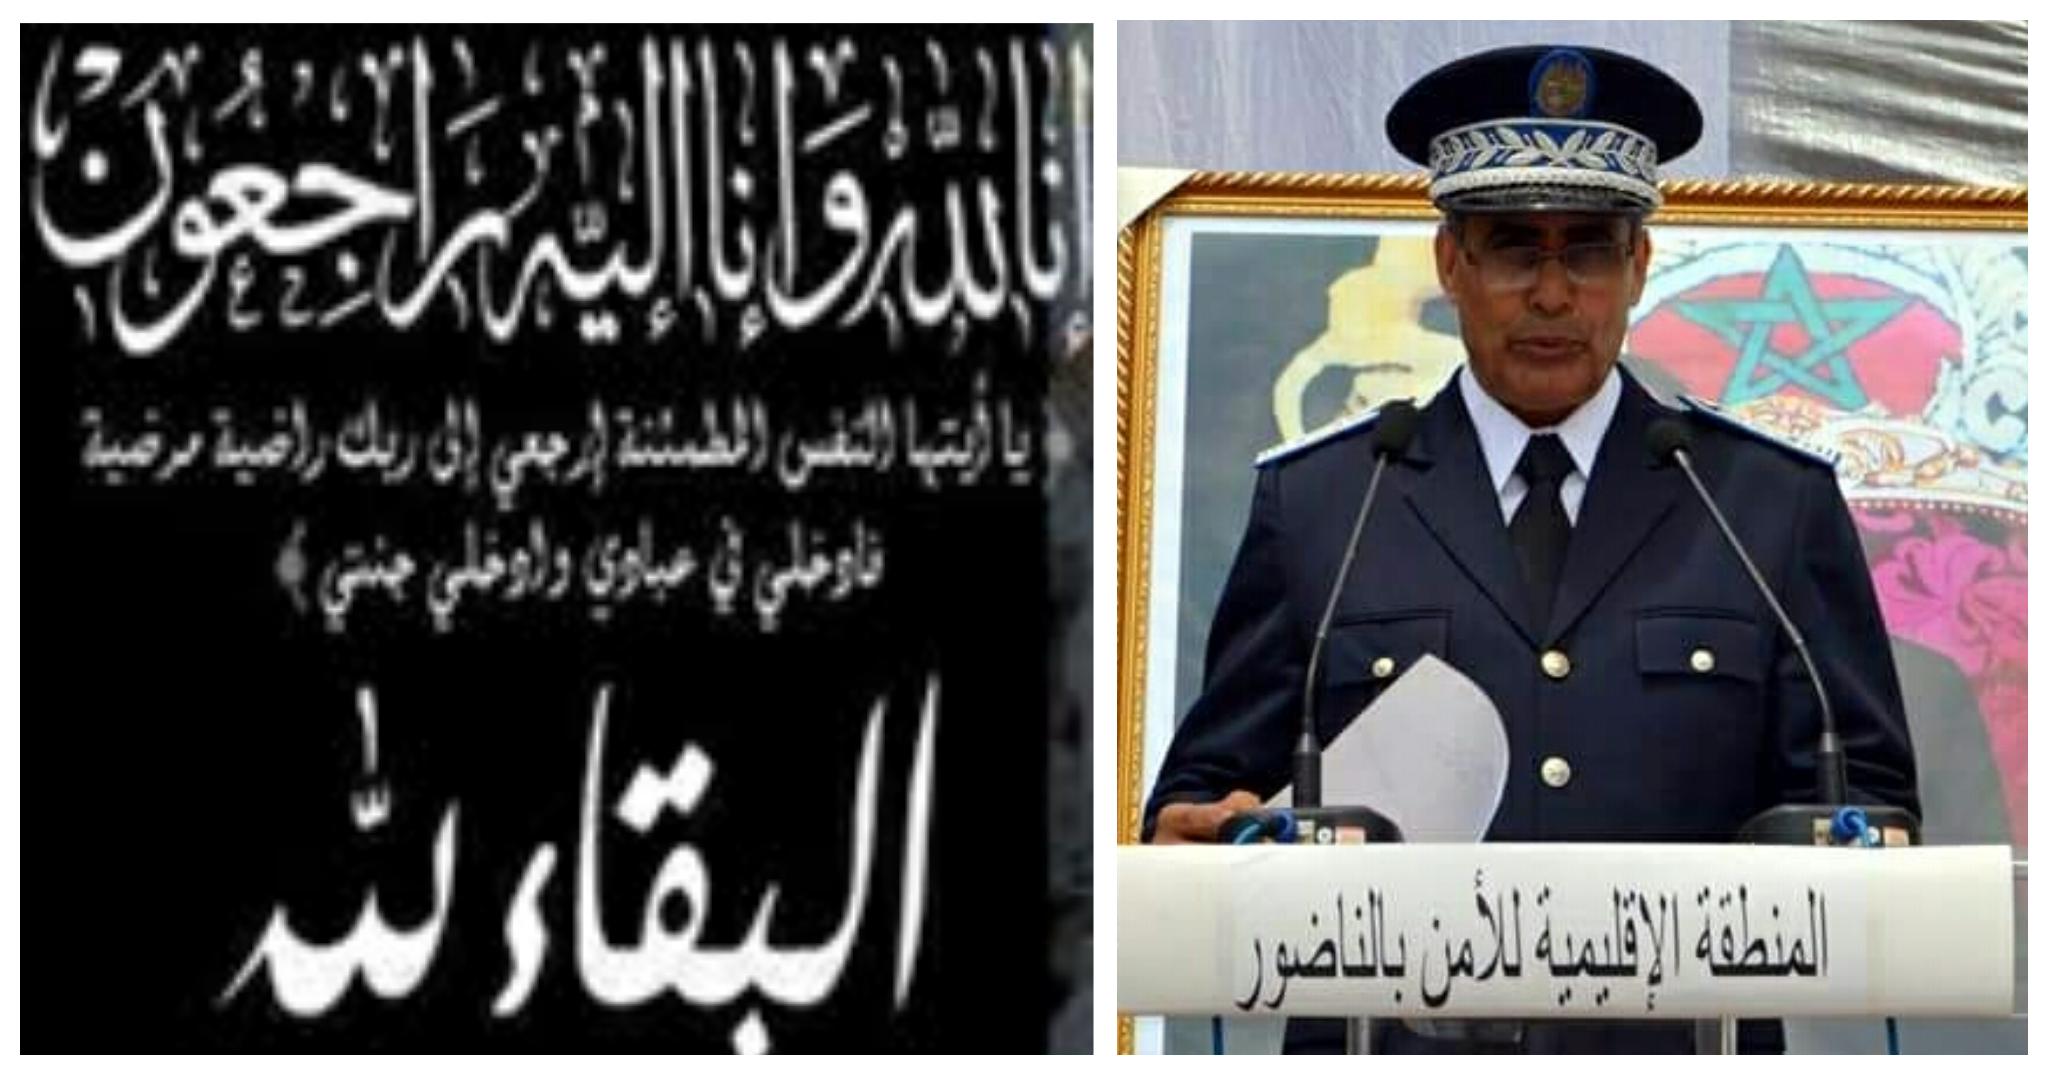 تعزية في وفاة زوجة رئيس قسم الإستعلامات العامة سابقا عبدالحق الحسيني